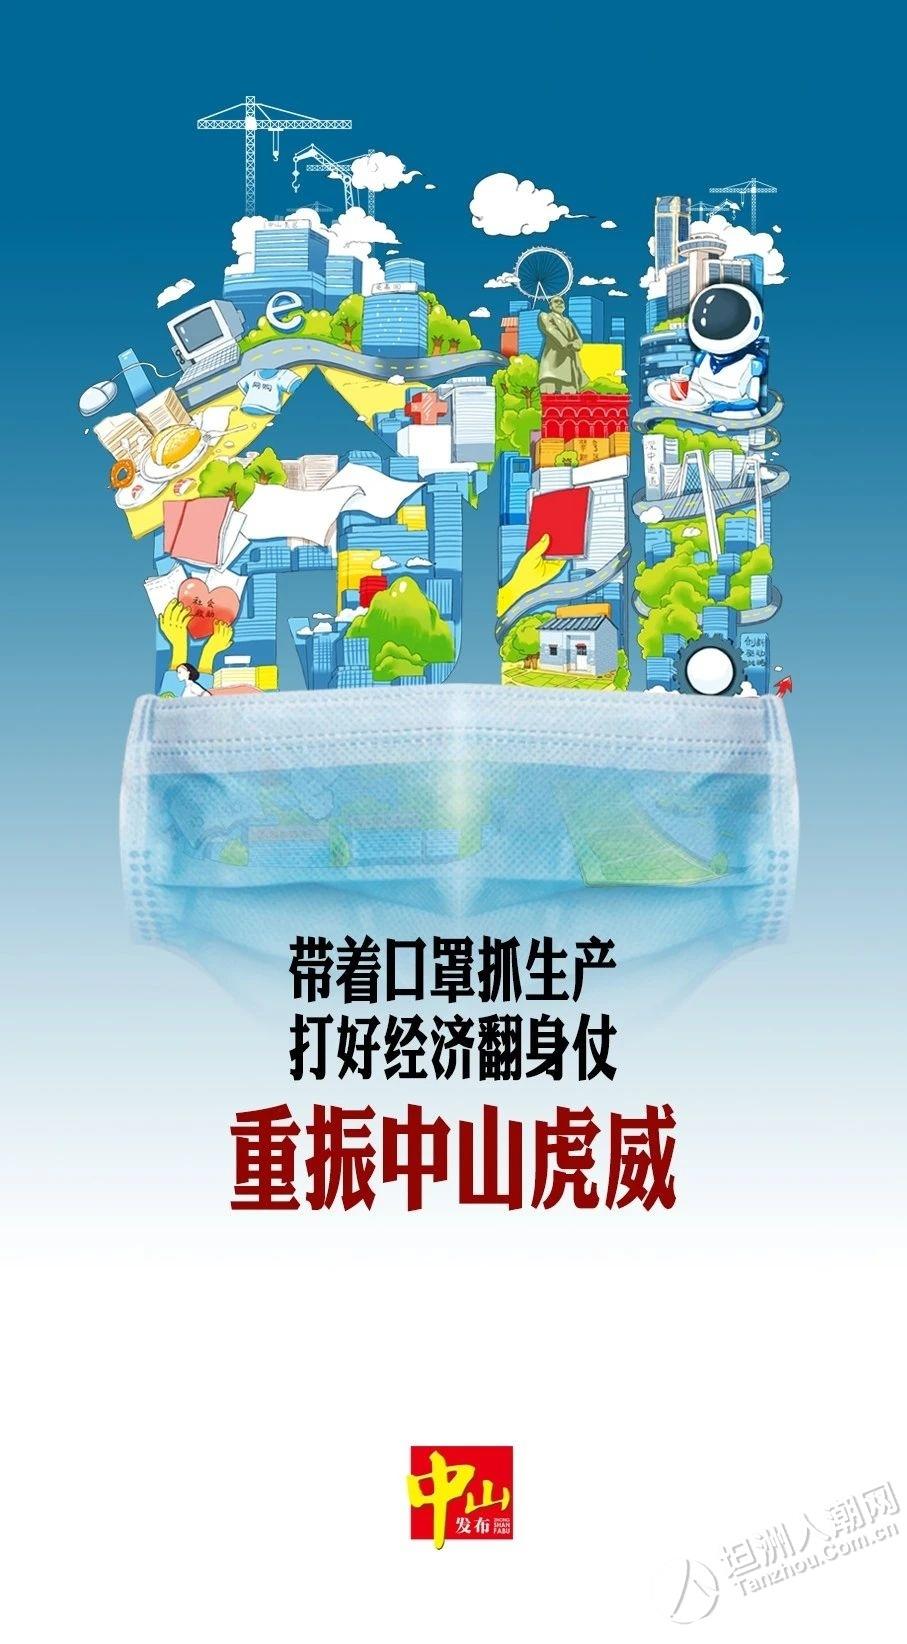 中山市重大突发公共卫生事件一级响应调整为二级响应